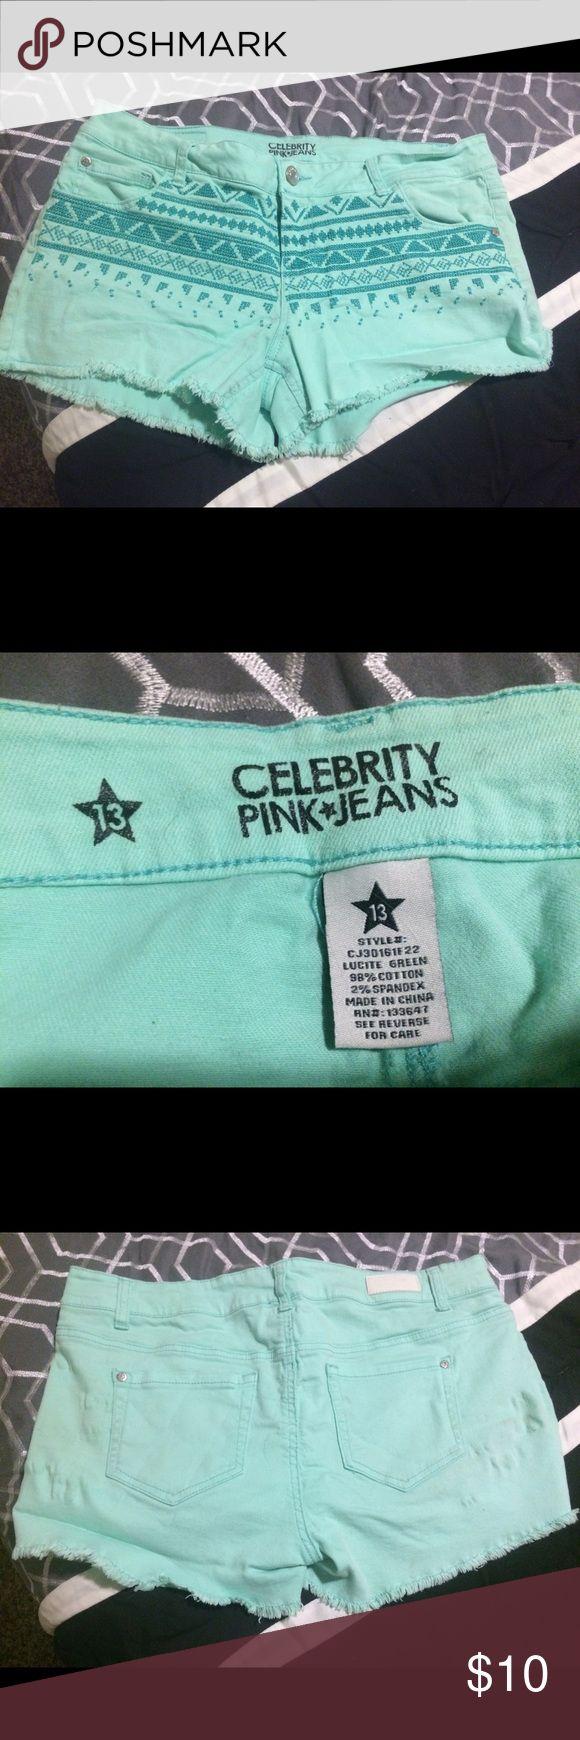 Shorts Size 13 turquoise shorts. Shorts